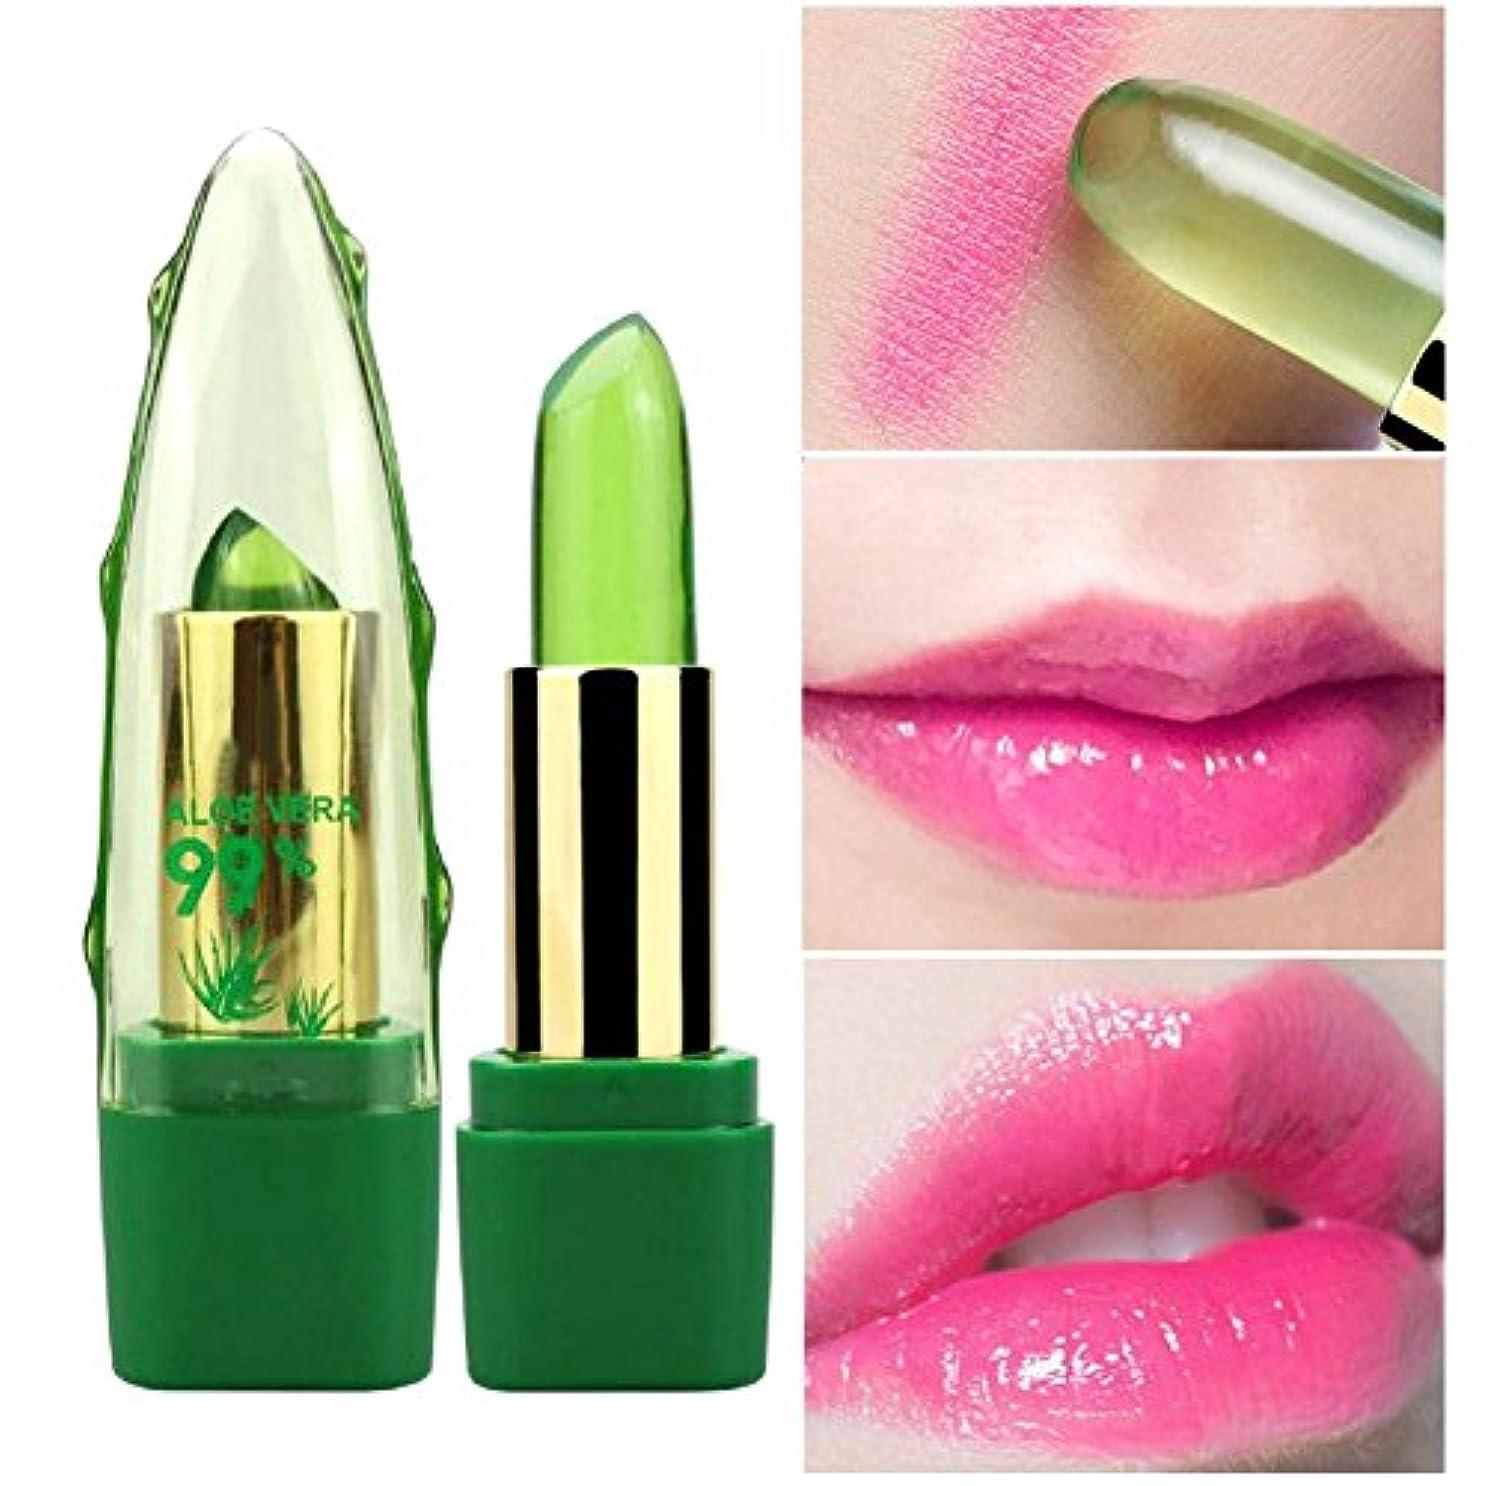 アロエベラゼリー リップクリーム 温度変化色 保湿 リップバーム 防水 長持ち 持ち運び リップスティック 天然植物 有機 健康 高輝度色で美しい唇を彩りルージュ